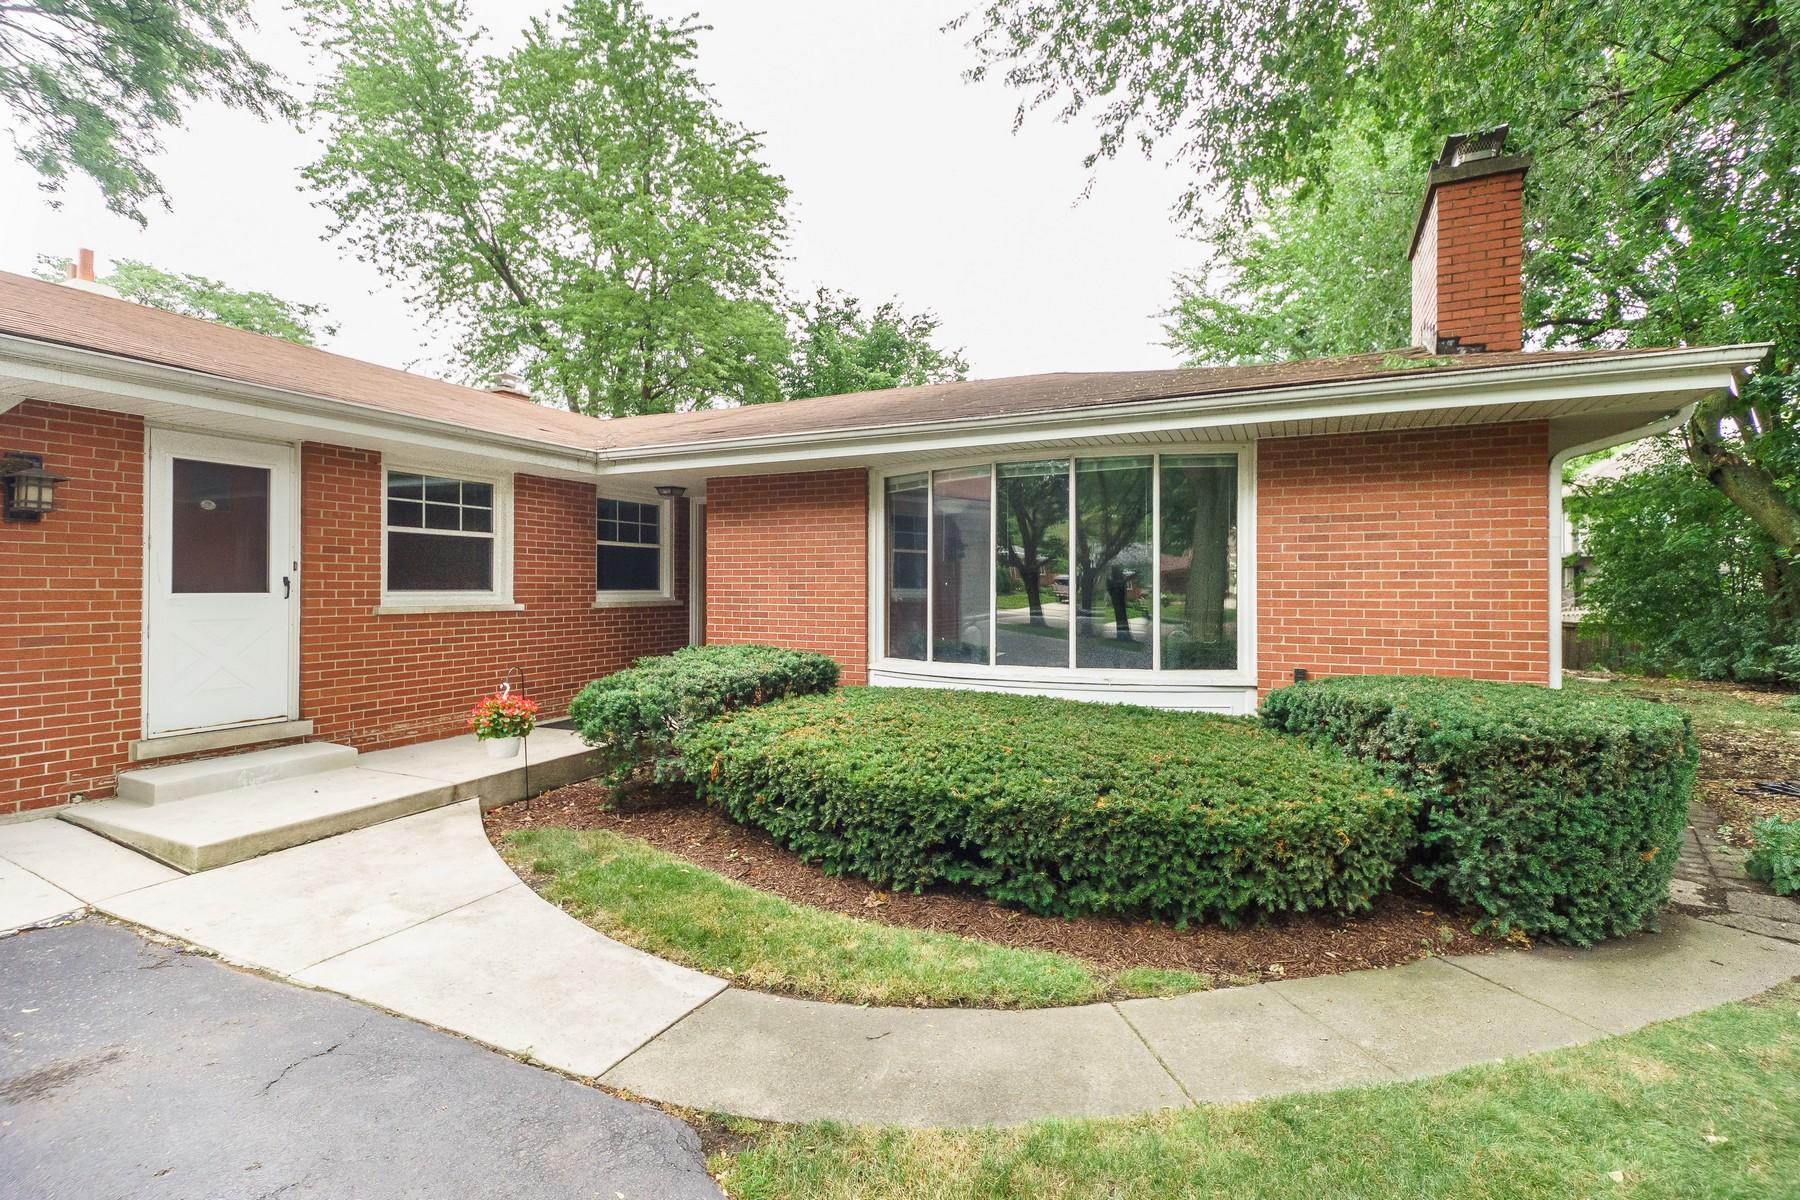 Maison unifamiliale pour l Vente à 811 S. Adams Hinsdale, Illinois, 60521 États-Unis